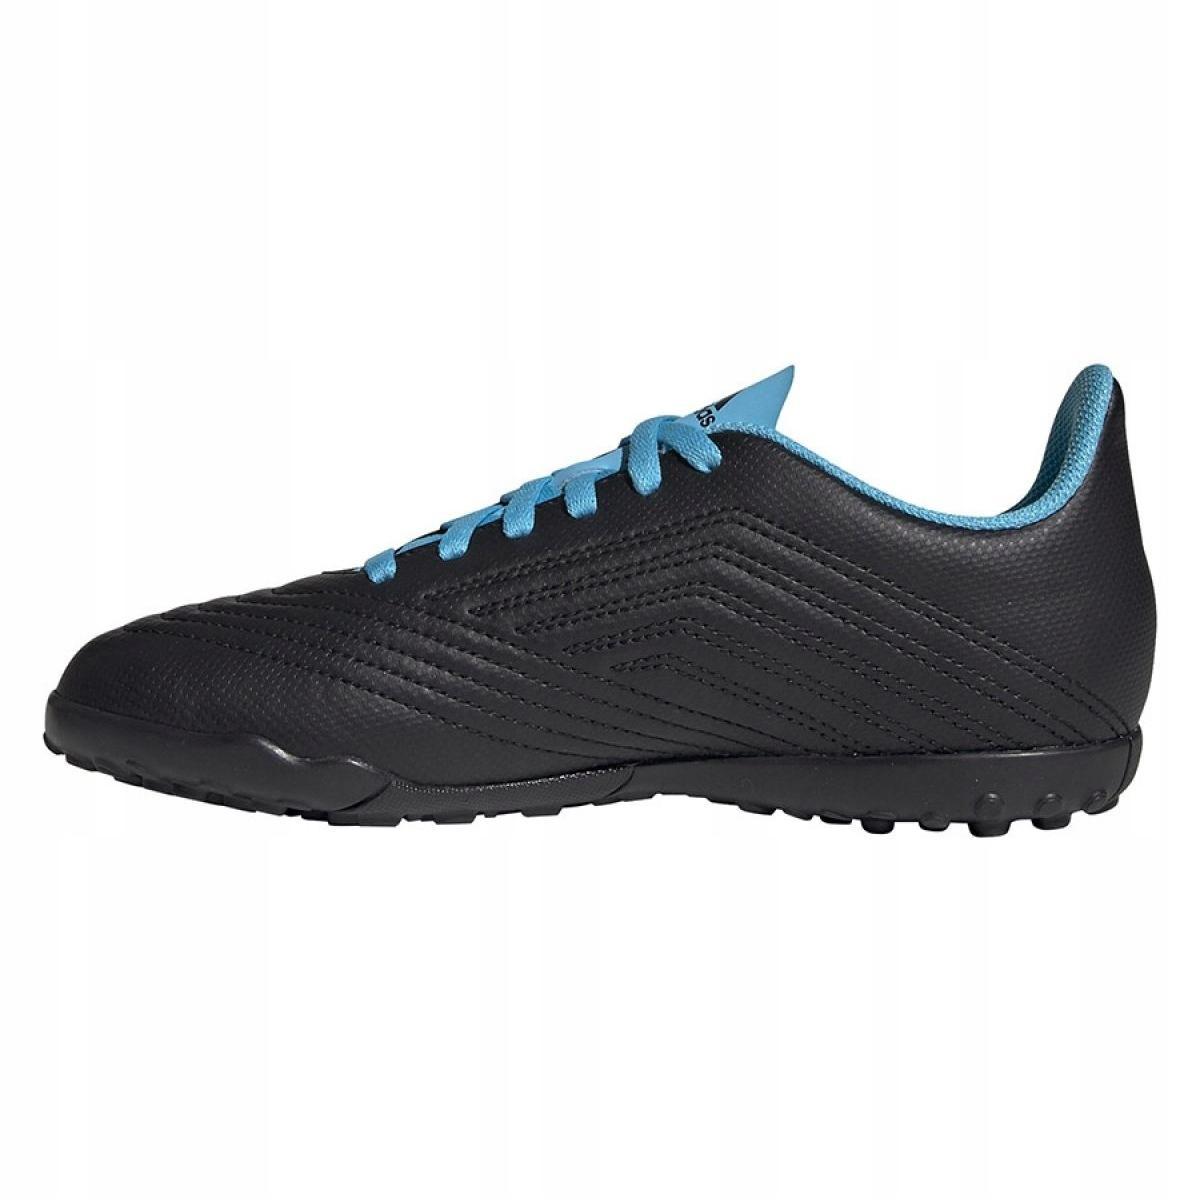 Buty piłkarskie adidas Predator 19.4 Tf Jr G25826 czarny czarne